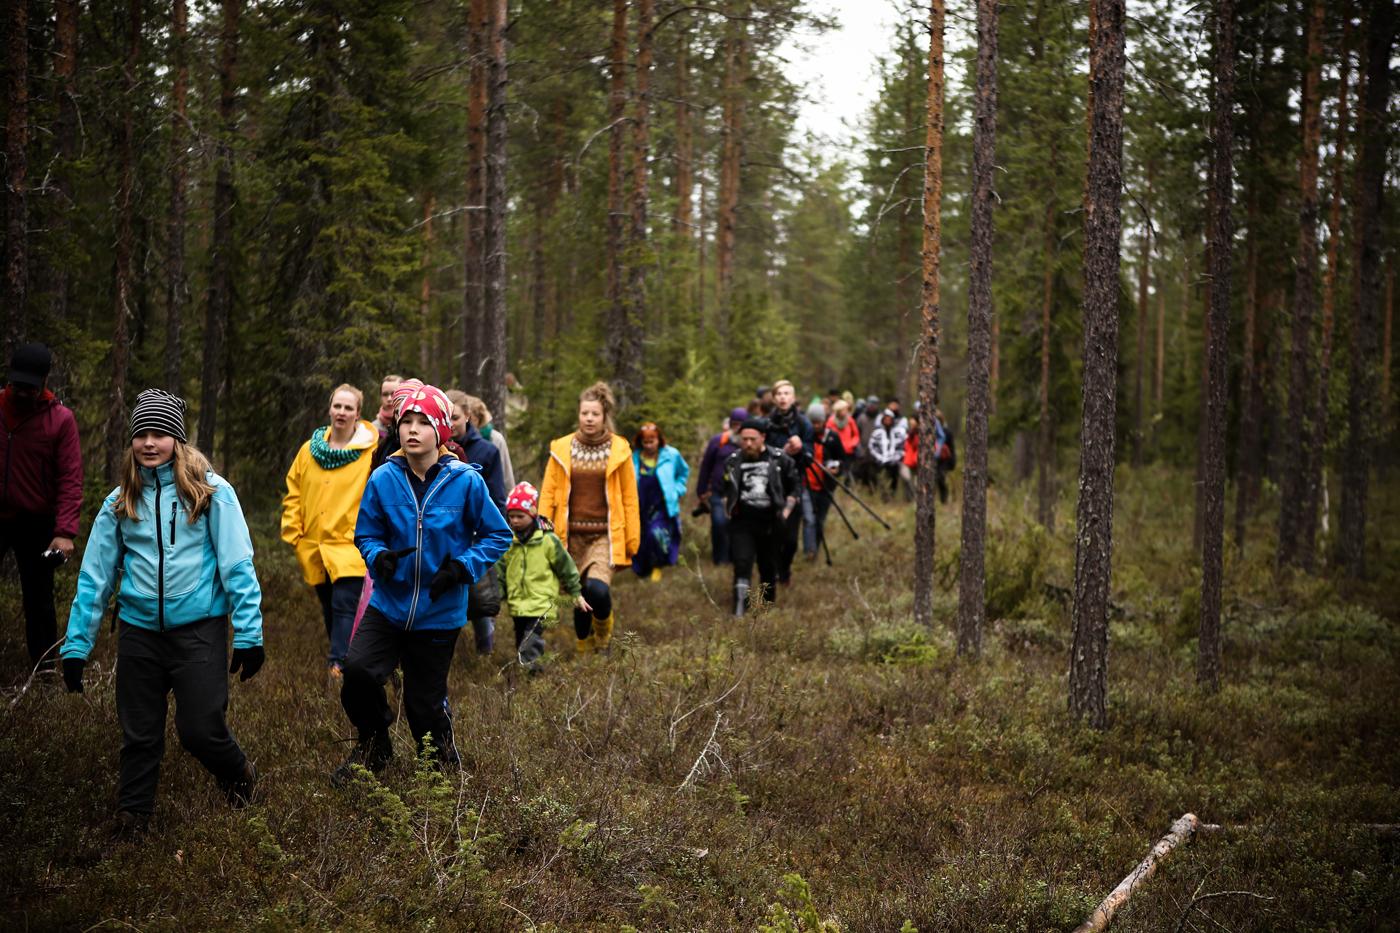 Metsäprojekti_Hiljaisuusfestivaali_2015_C_Jouni_Ihalainen-80.jpg